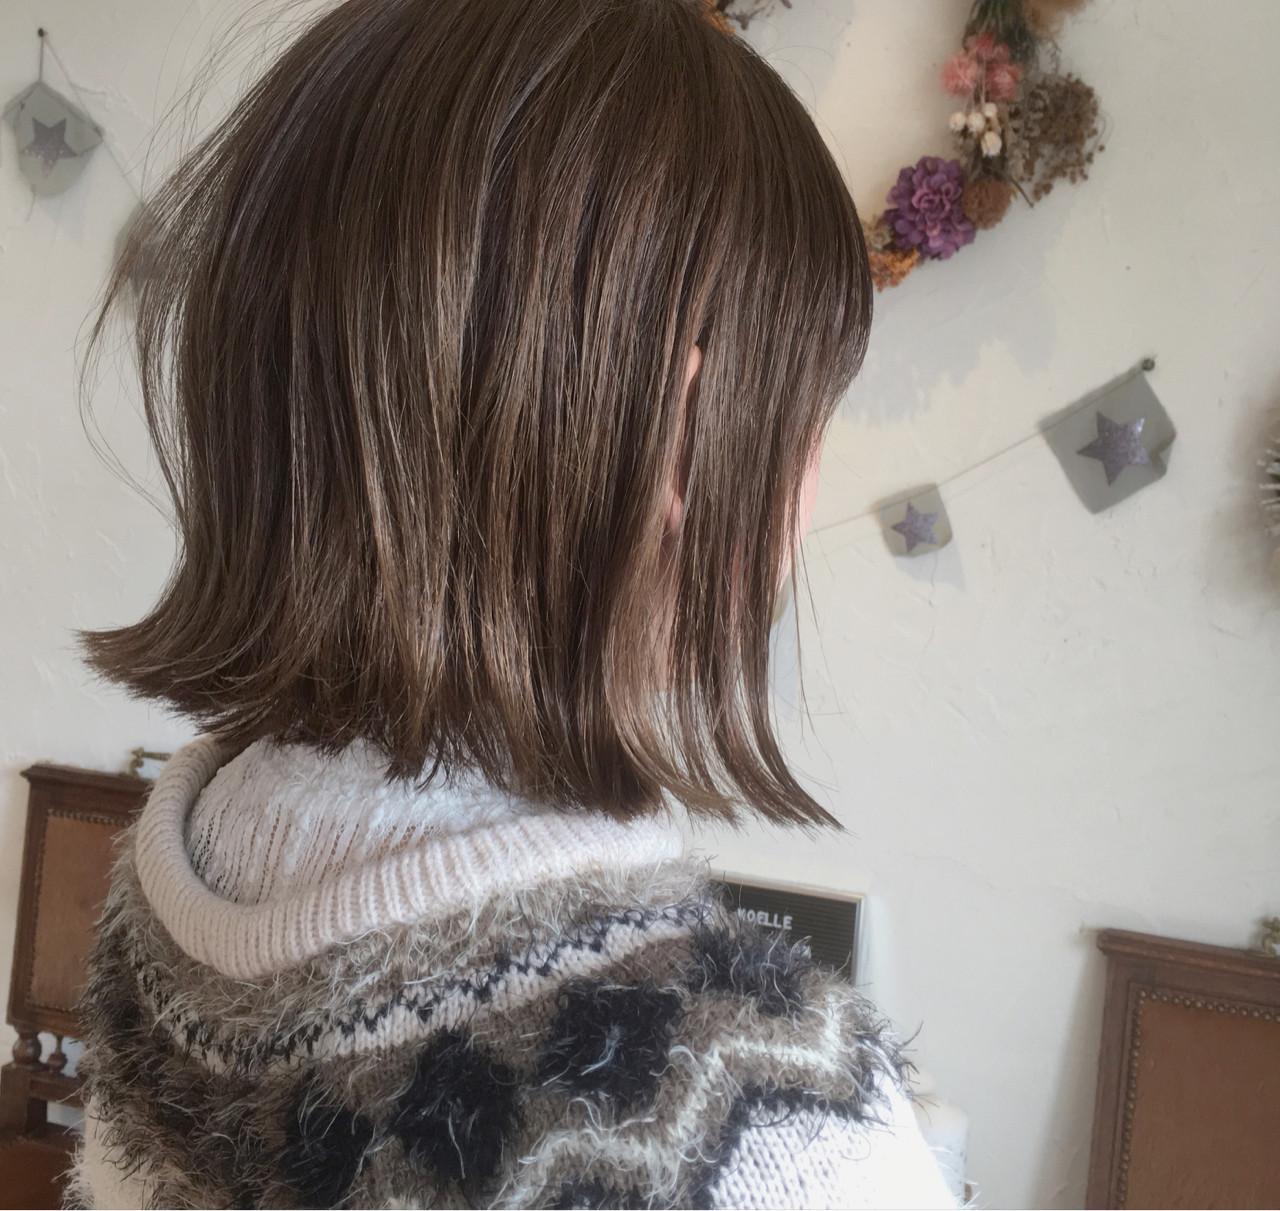 スポーツ ボブ 大人かわいい アッシュ ヘアスタイルや髪型の写真・画像   川内道子 instagram→michiko_k / Noelle インスタ→michiko_k